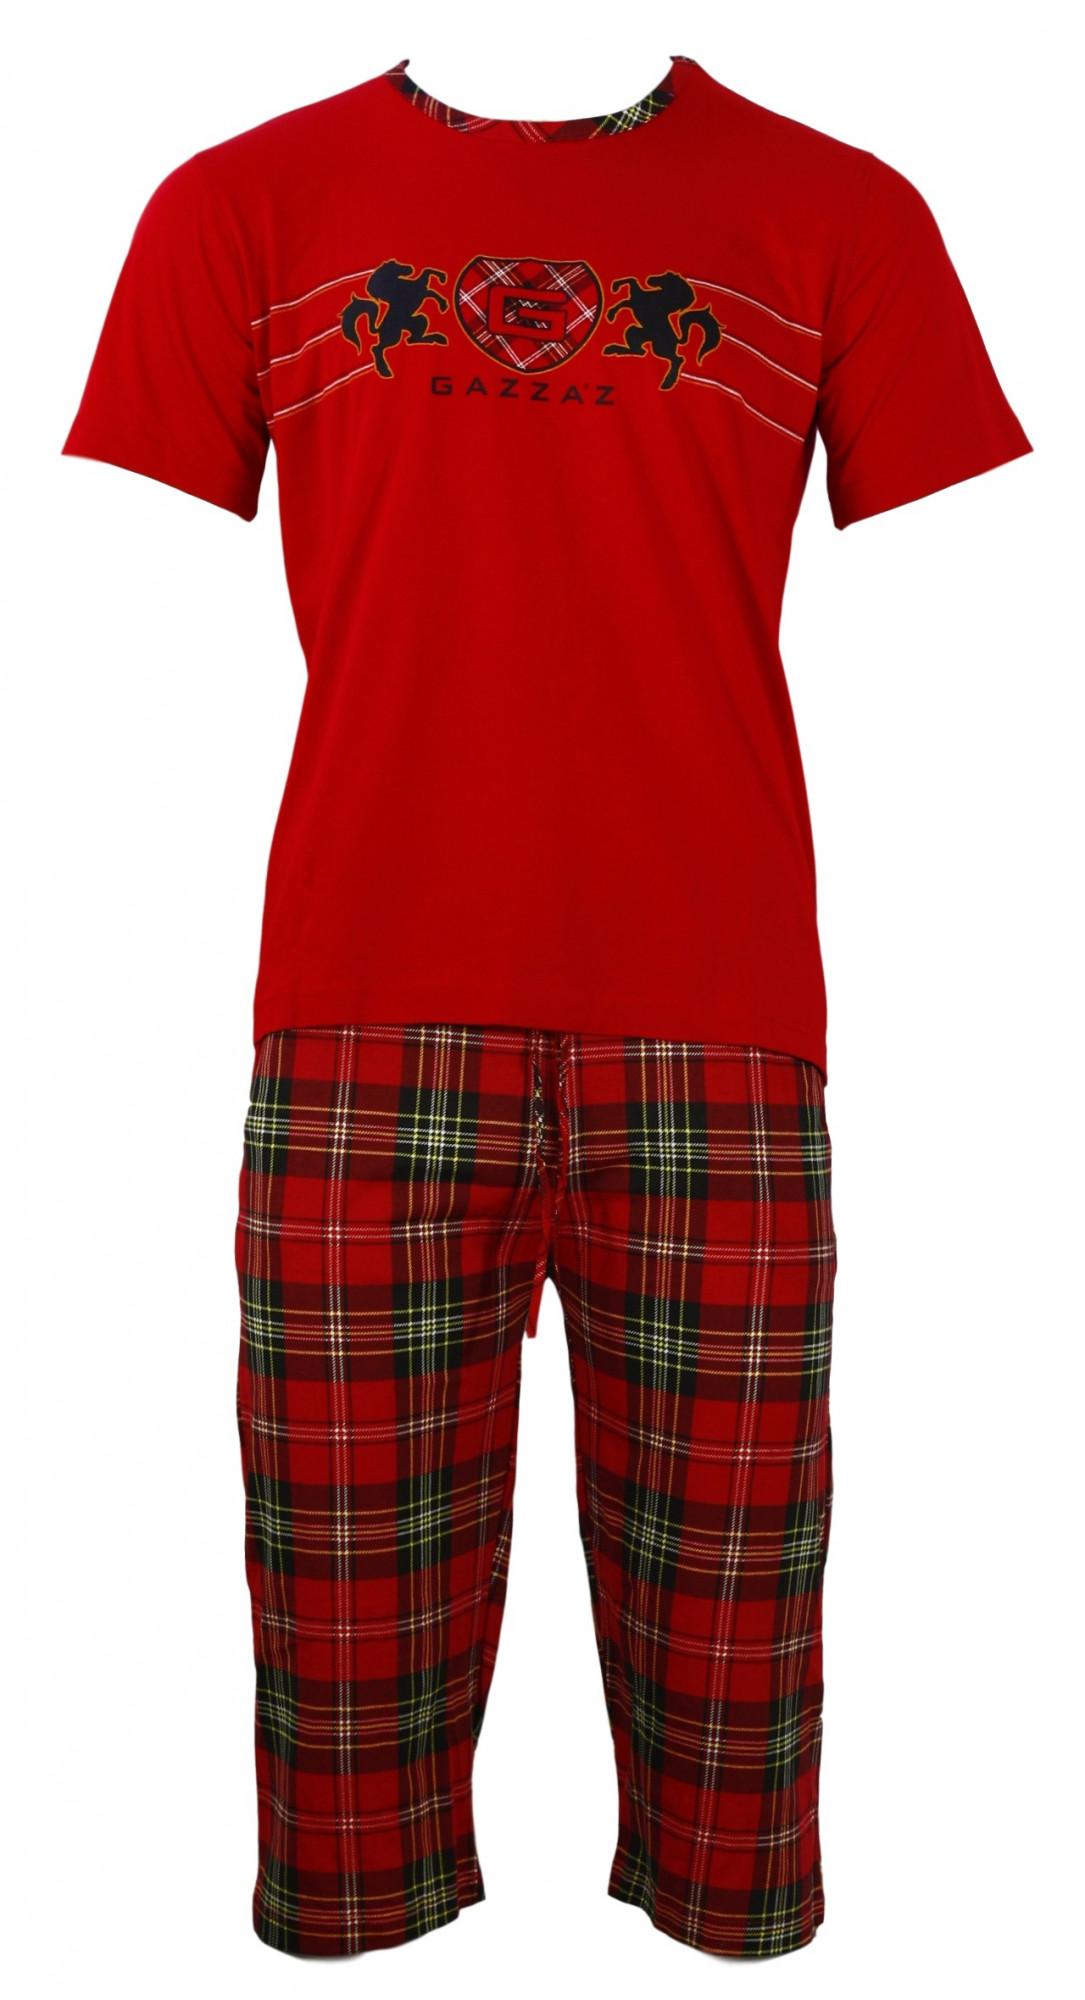 Pánské pyžamo - Gazzaz Barva: červená, Velikost: M